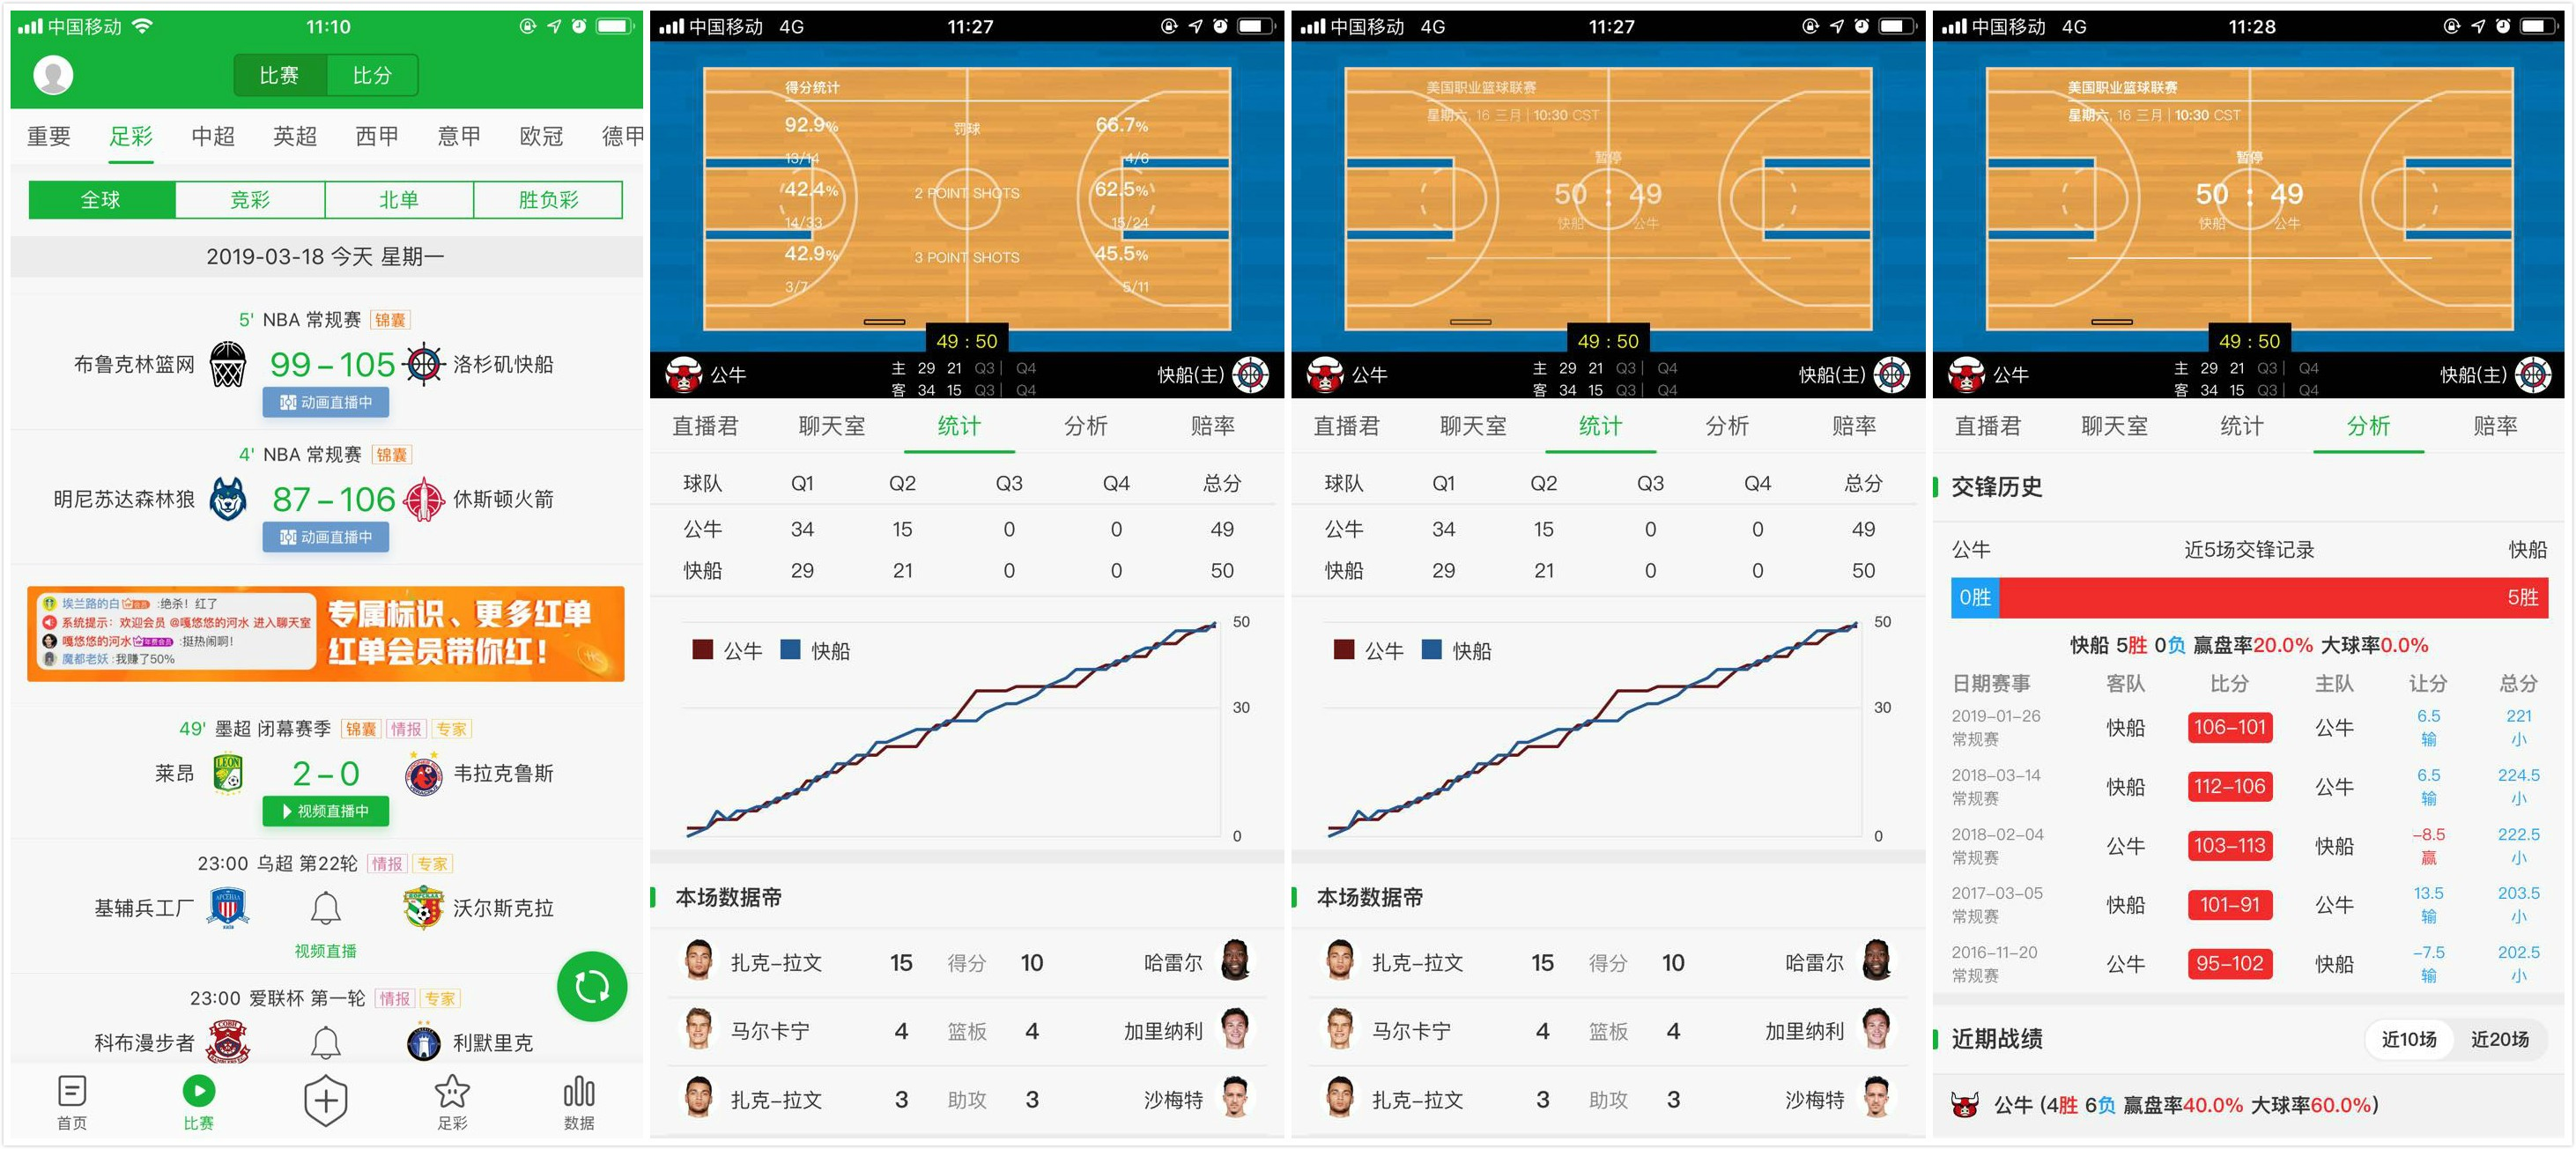 足彩比分再添新功能用户可享用NBA相关服务